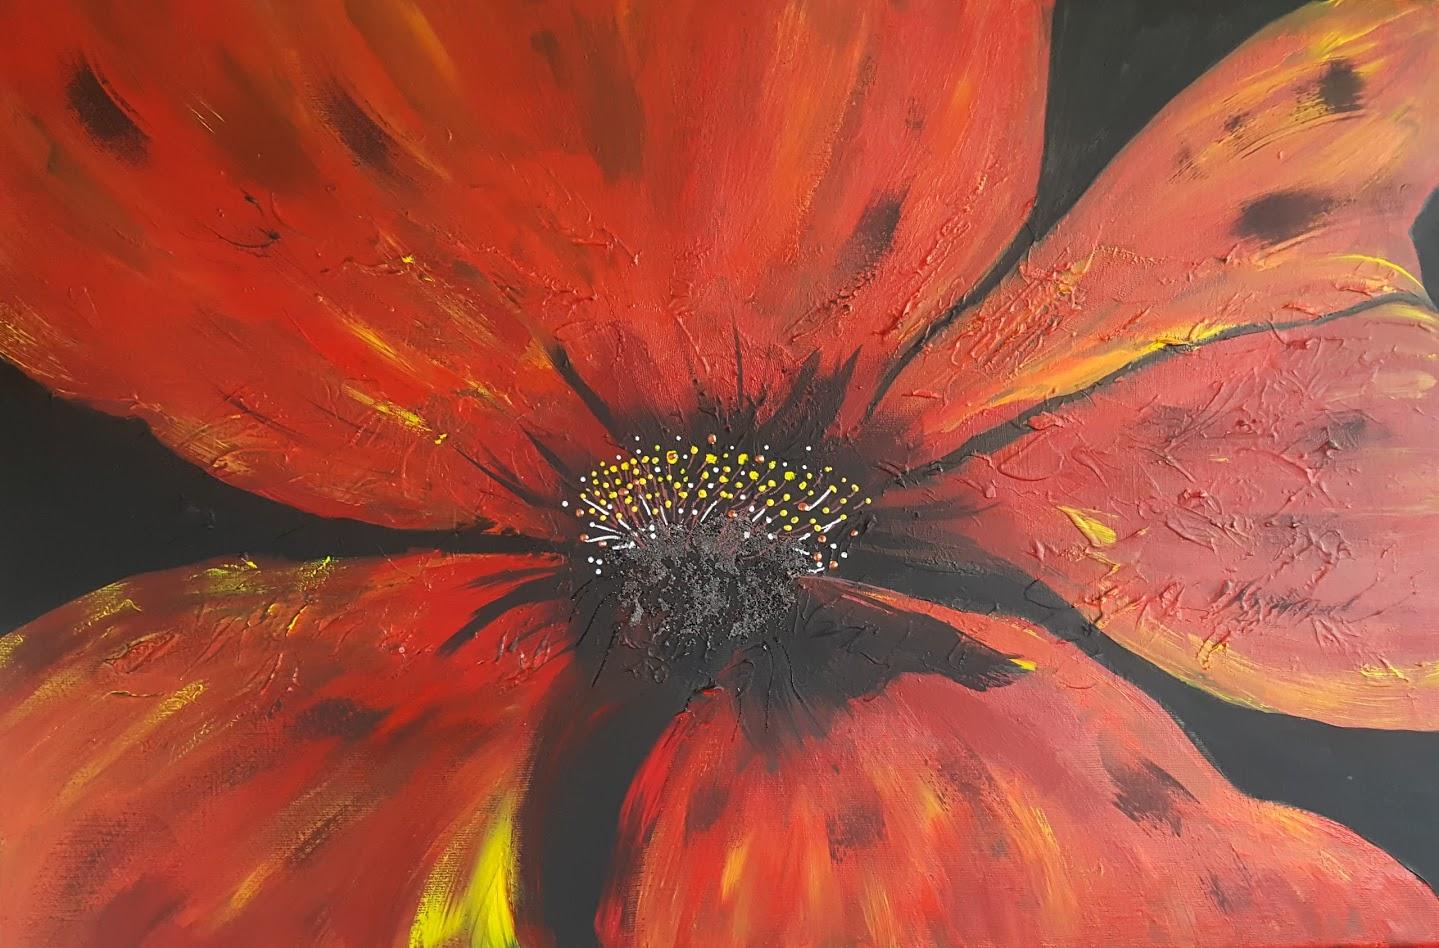 tableau de gauchepatte intitulé red flowers